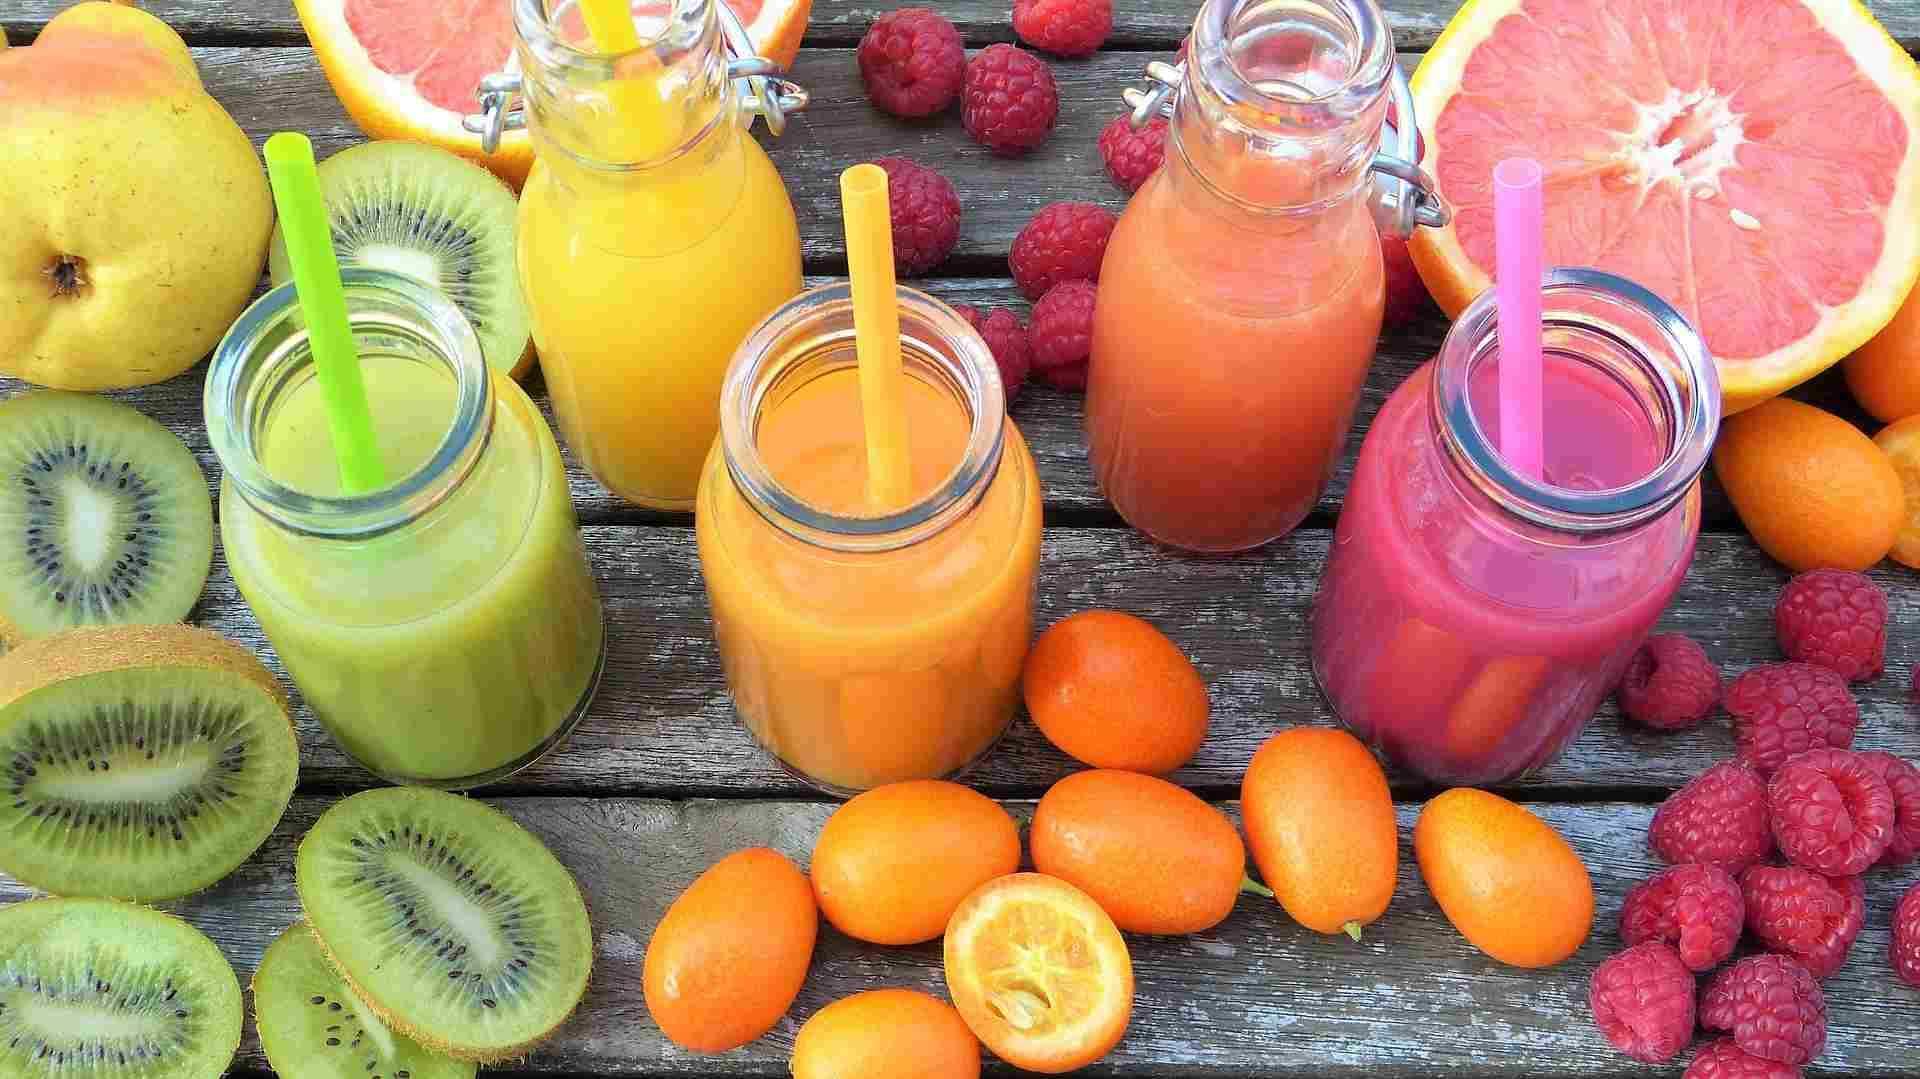 Cuisine, maison, santé : 9 astuces pour vivre au naturel